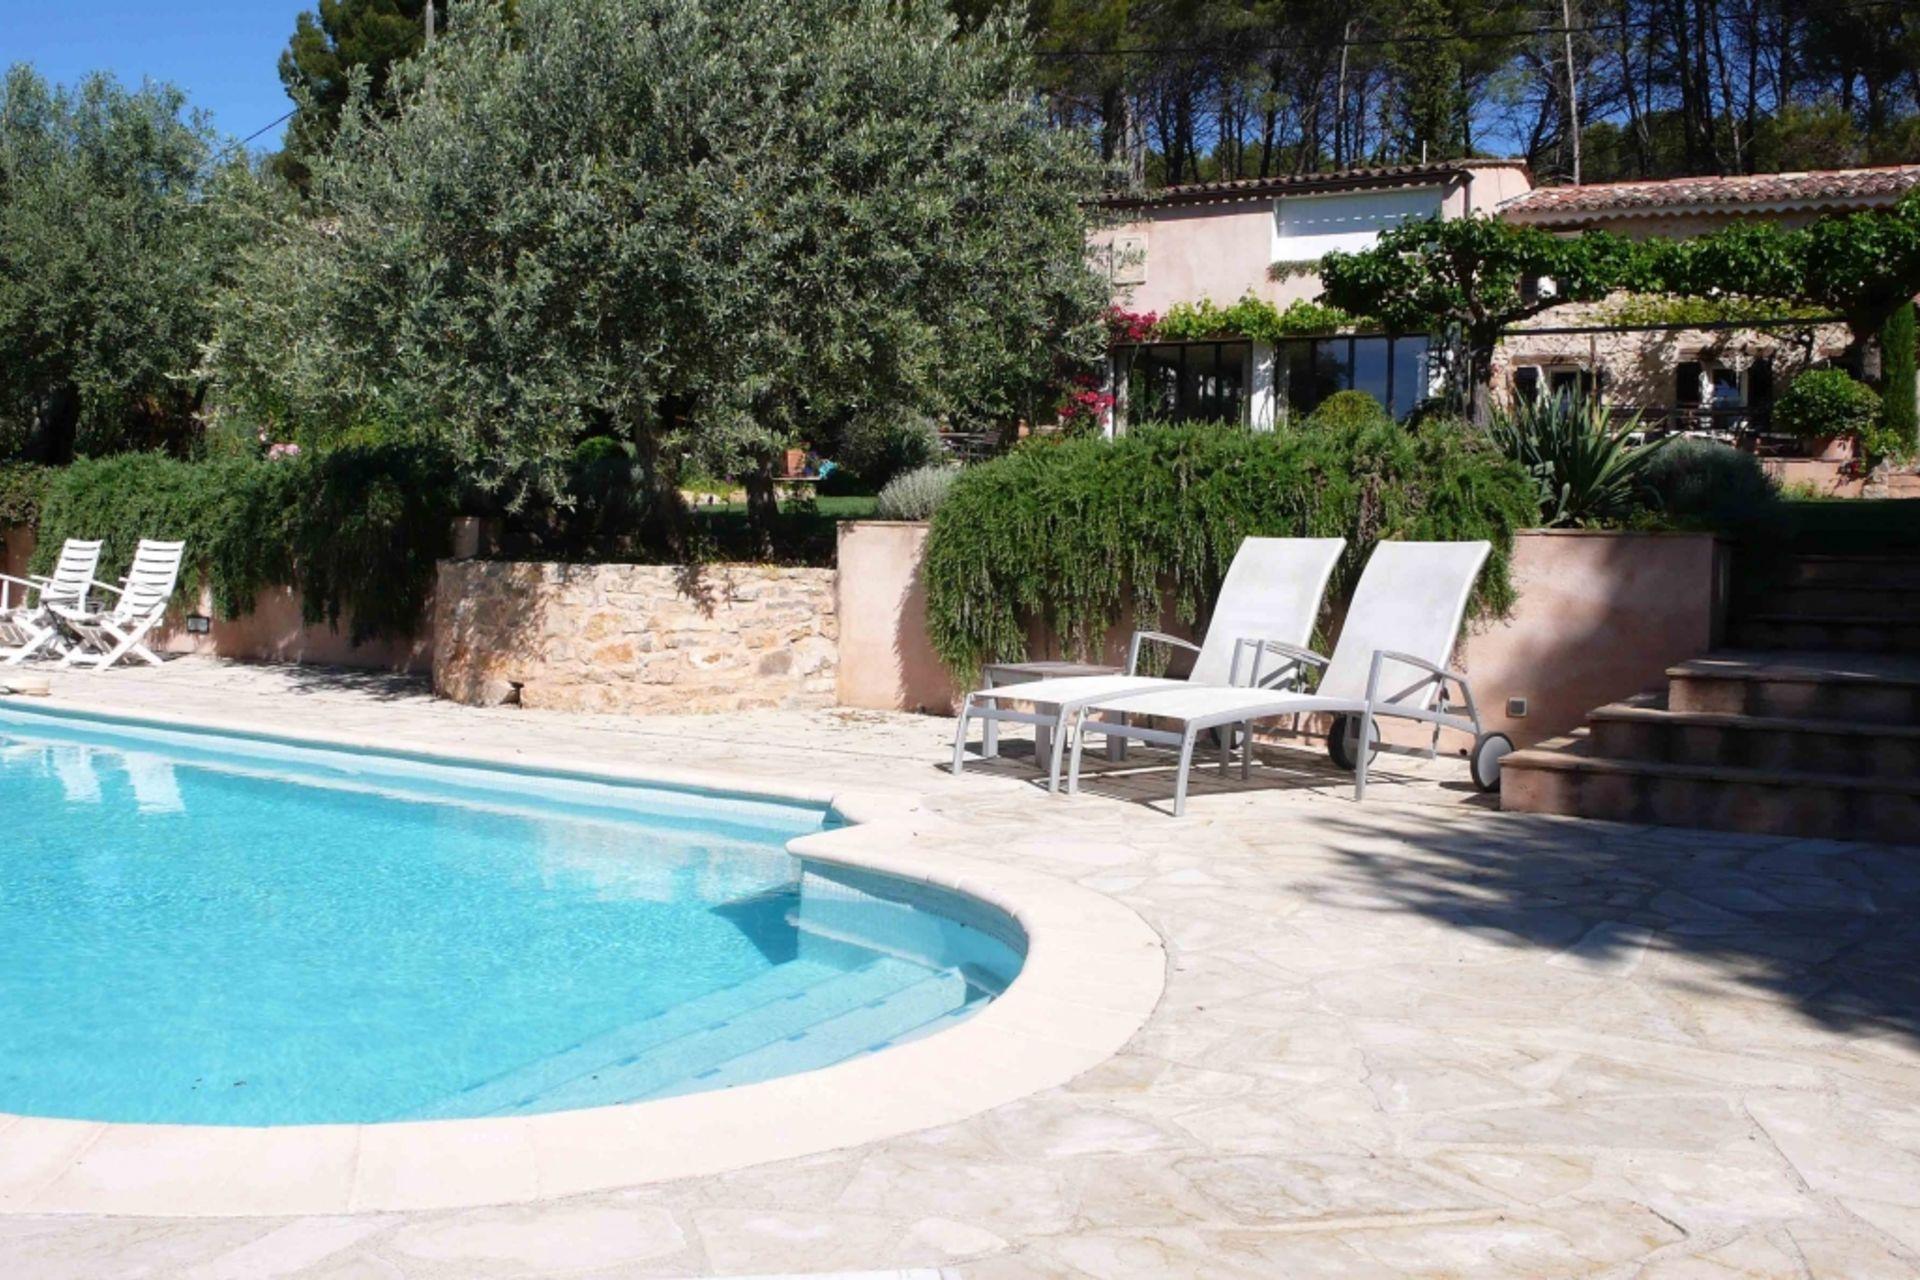 ... Atelier La Toiture in Var - Provence-Alpes-Cu00f4te du0026#39;Azur - Gites.nl